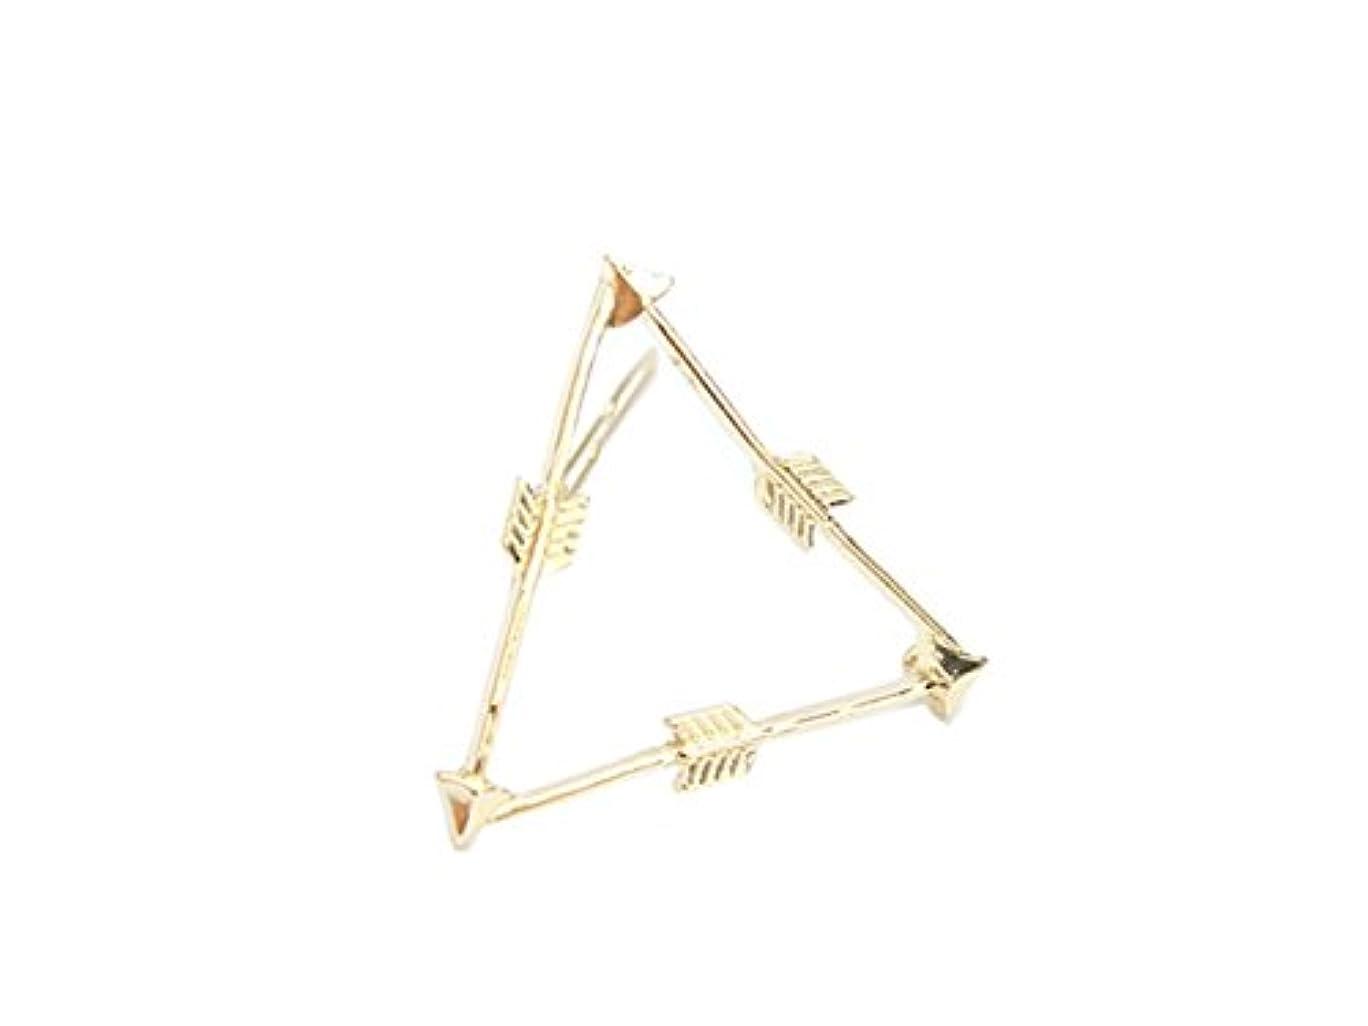 アウトドア軌道ボーカルOsize 美しいスタイル 弓と矢トライアングルヘアクリップサイドクリップヘアピンヘアアクセサリー(図示)